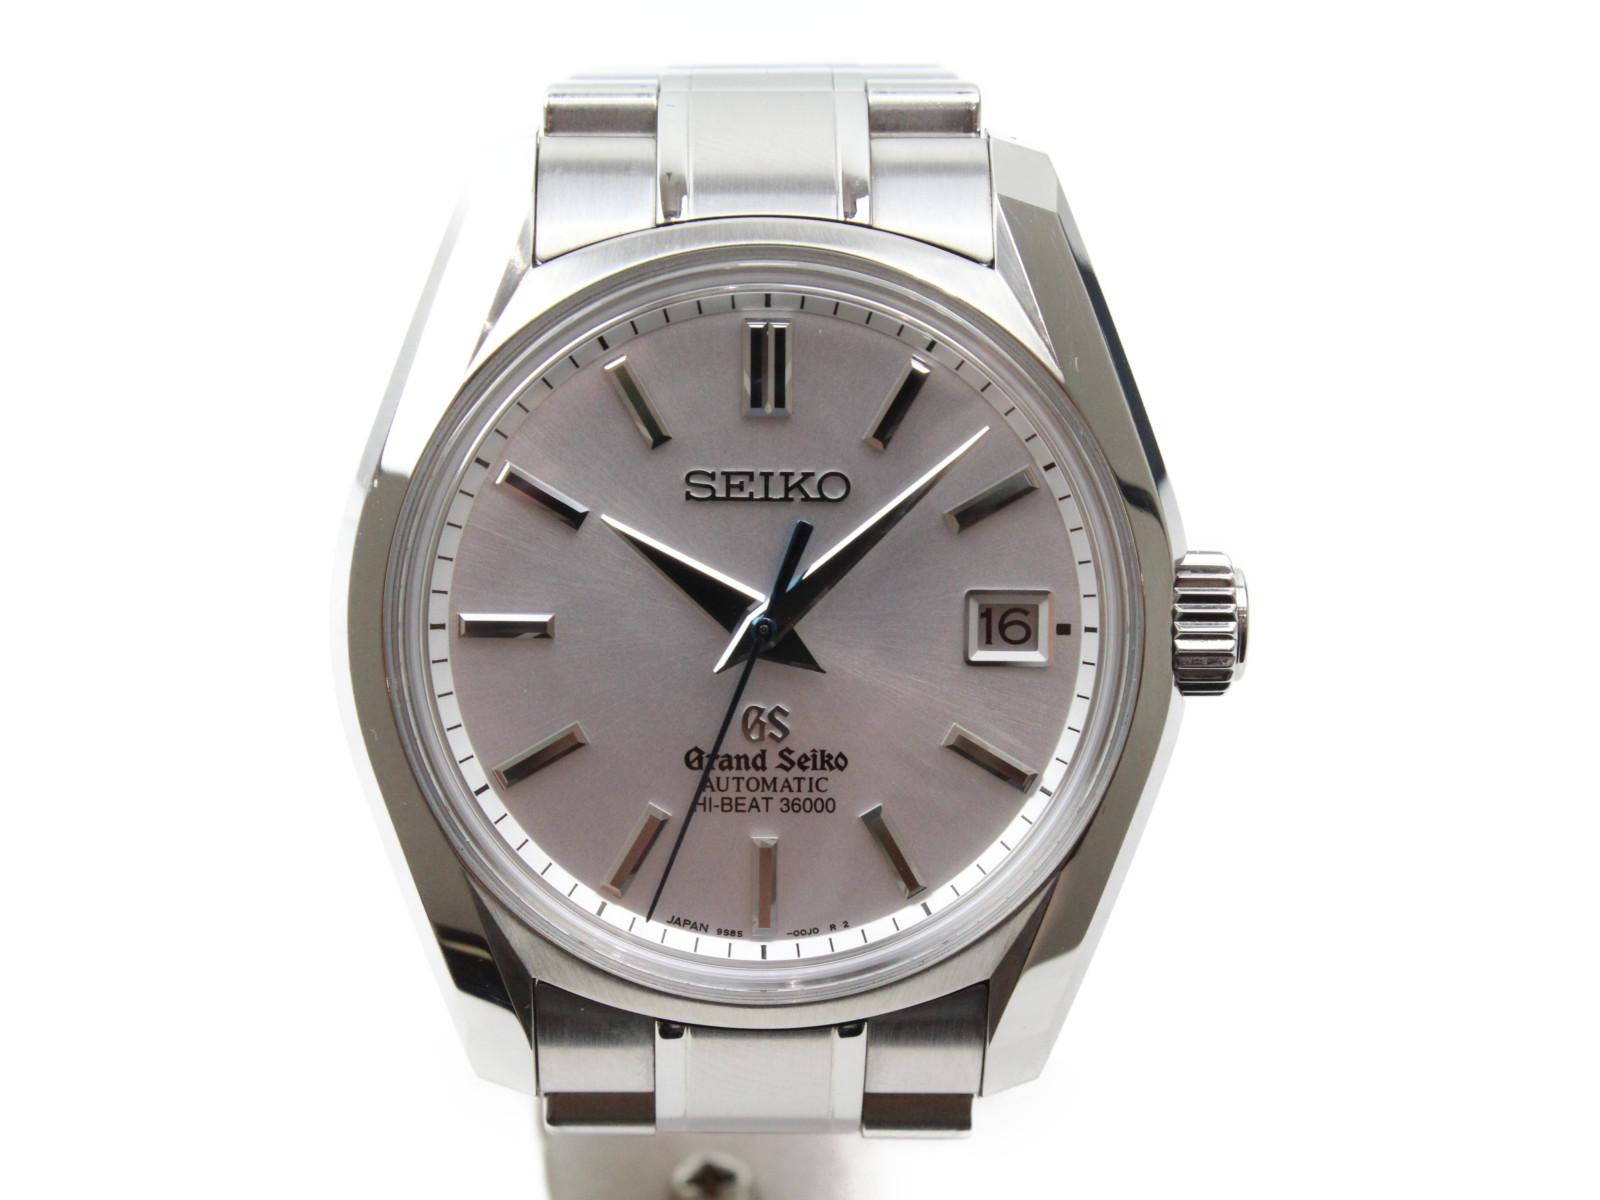 【世界1000本限定】GRAND SEIKO グランドセイコー ハイビート SBGH037 SS ステンレススチール シルバー文字盤 デイト 青針 メンズ 腕時計 【中古】